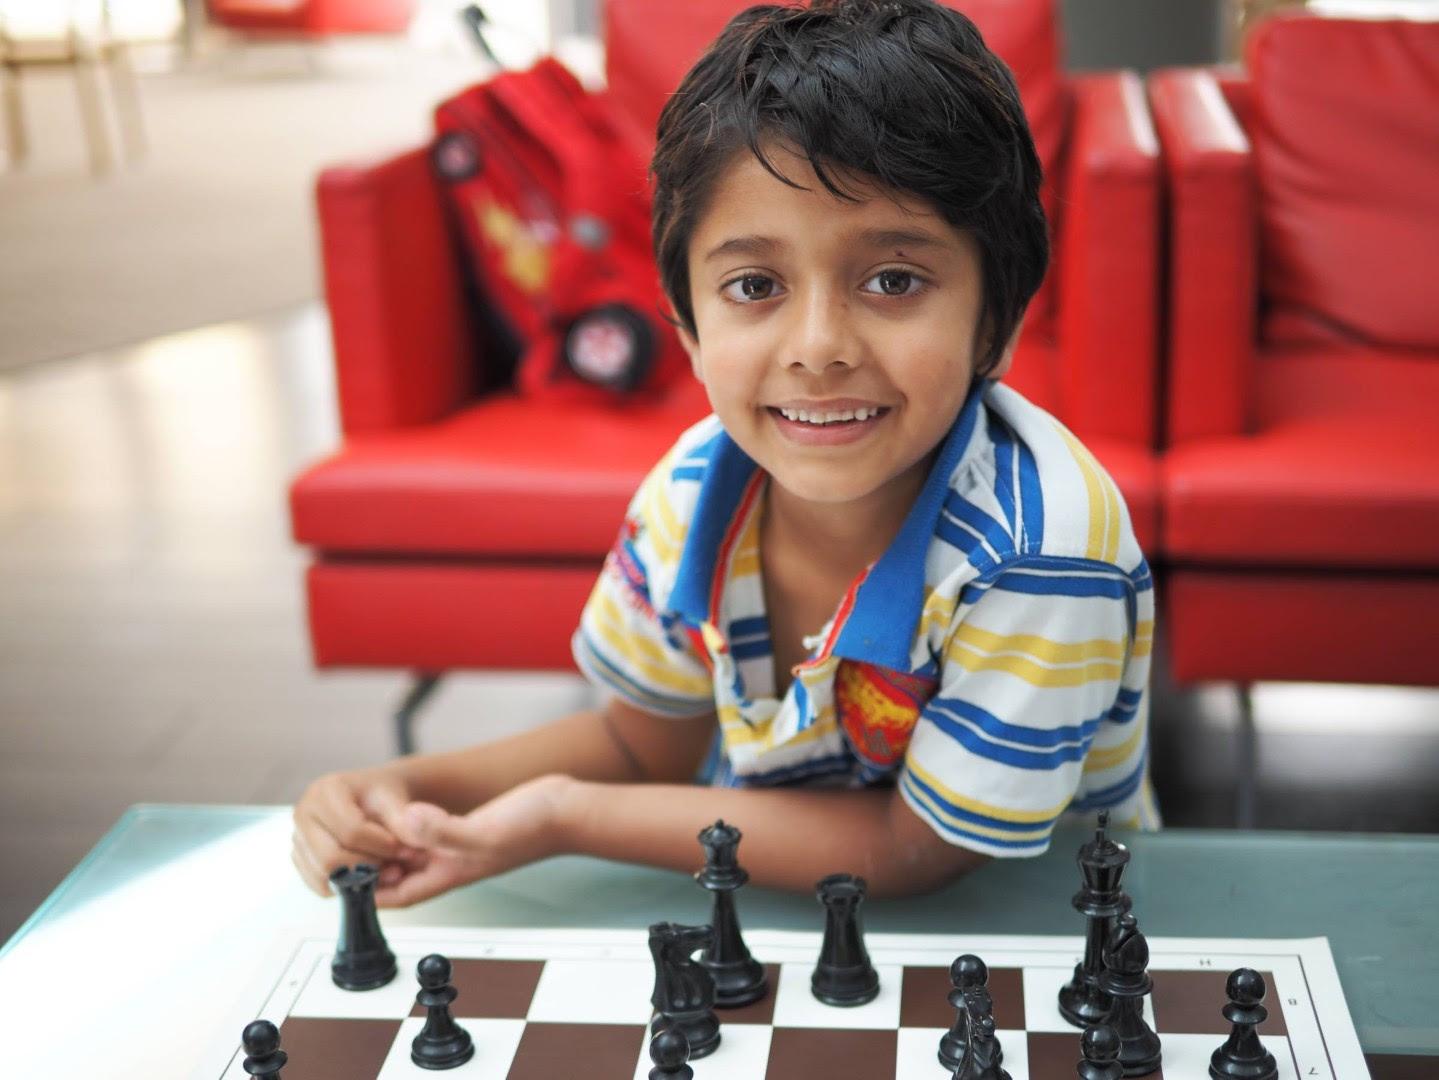 Echecs : Championnat du monde Jeunes 2014 avec Rajat Makkar